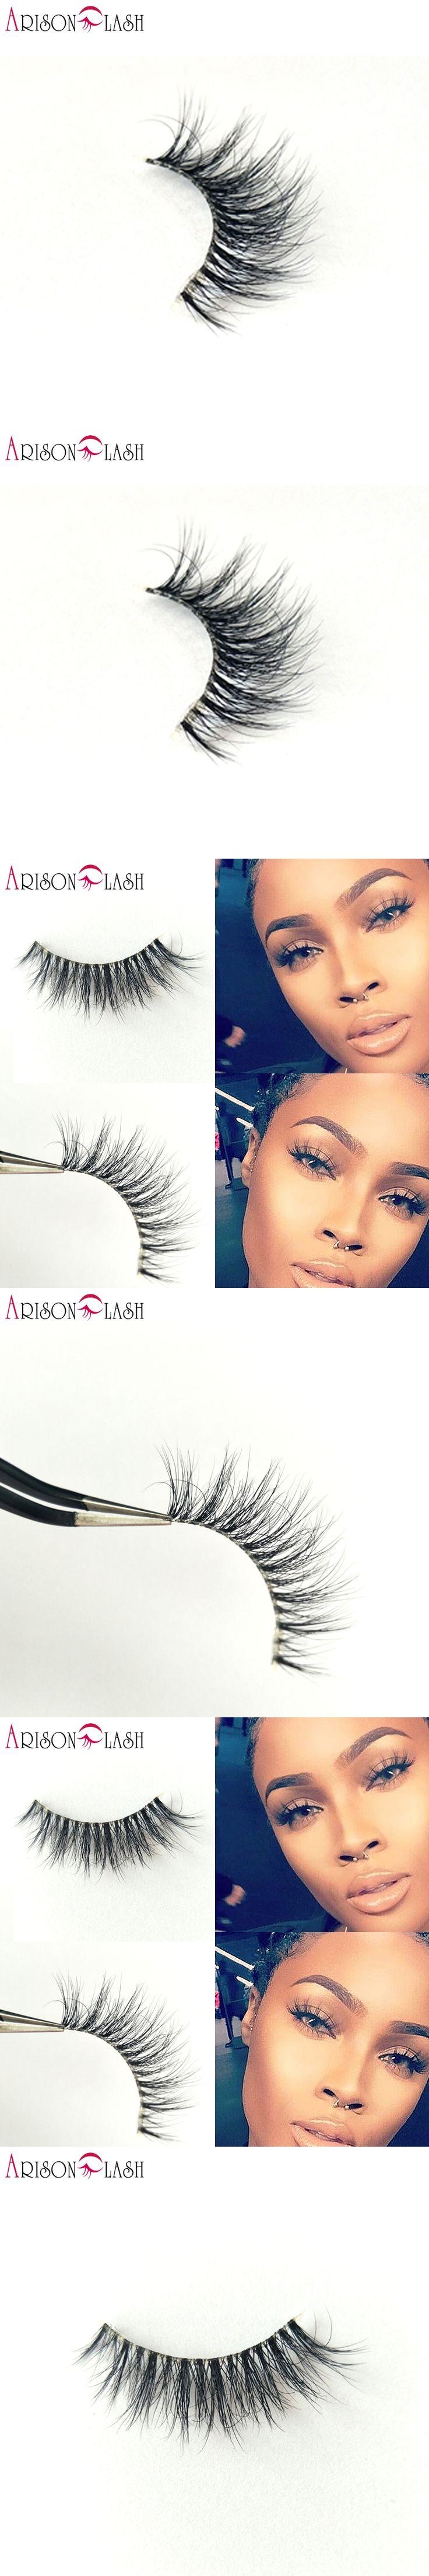 NEW Arison Cathy4 3D Mink Eyelashes Transparent Plastic Luxurious Thick fake eyelashes & permanent False Full Strip Eyelashes